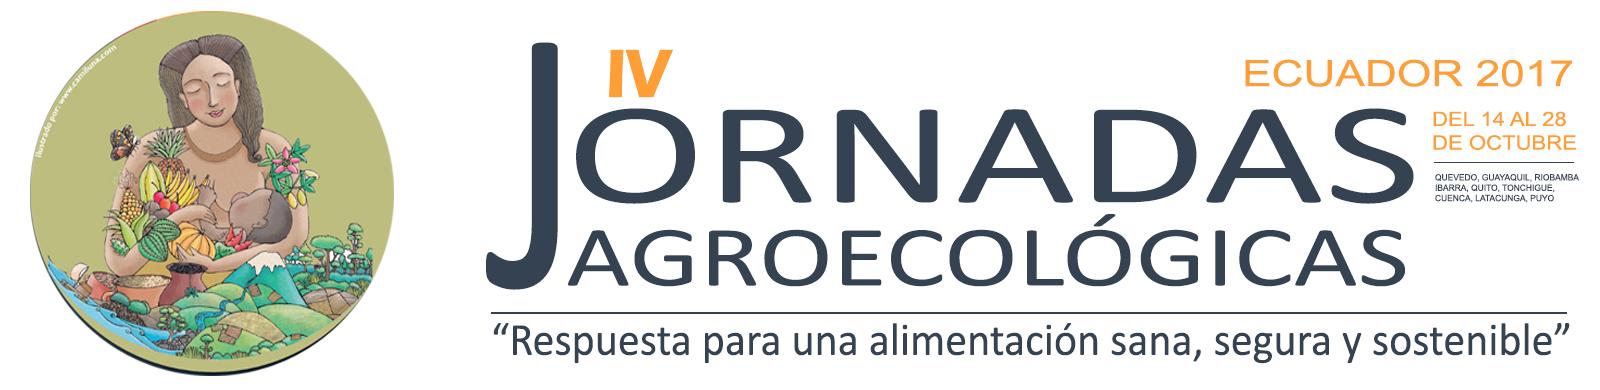 En octubre se vienen las  Jornadas agroecológicas 2017